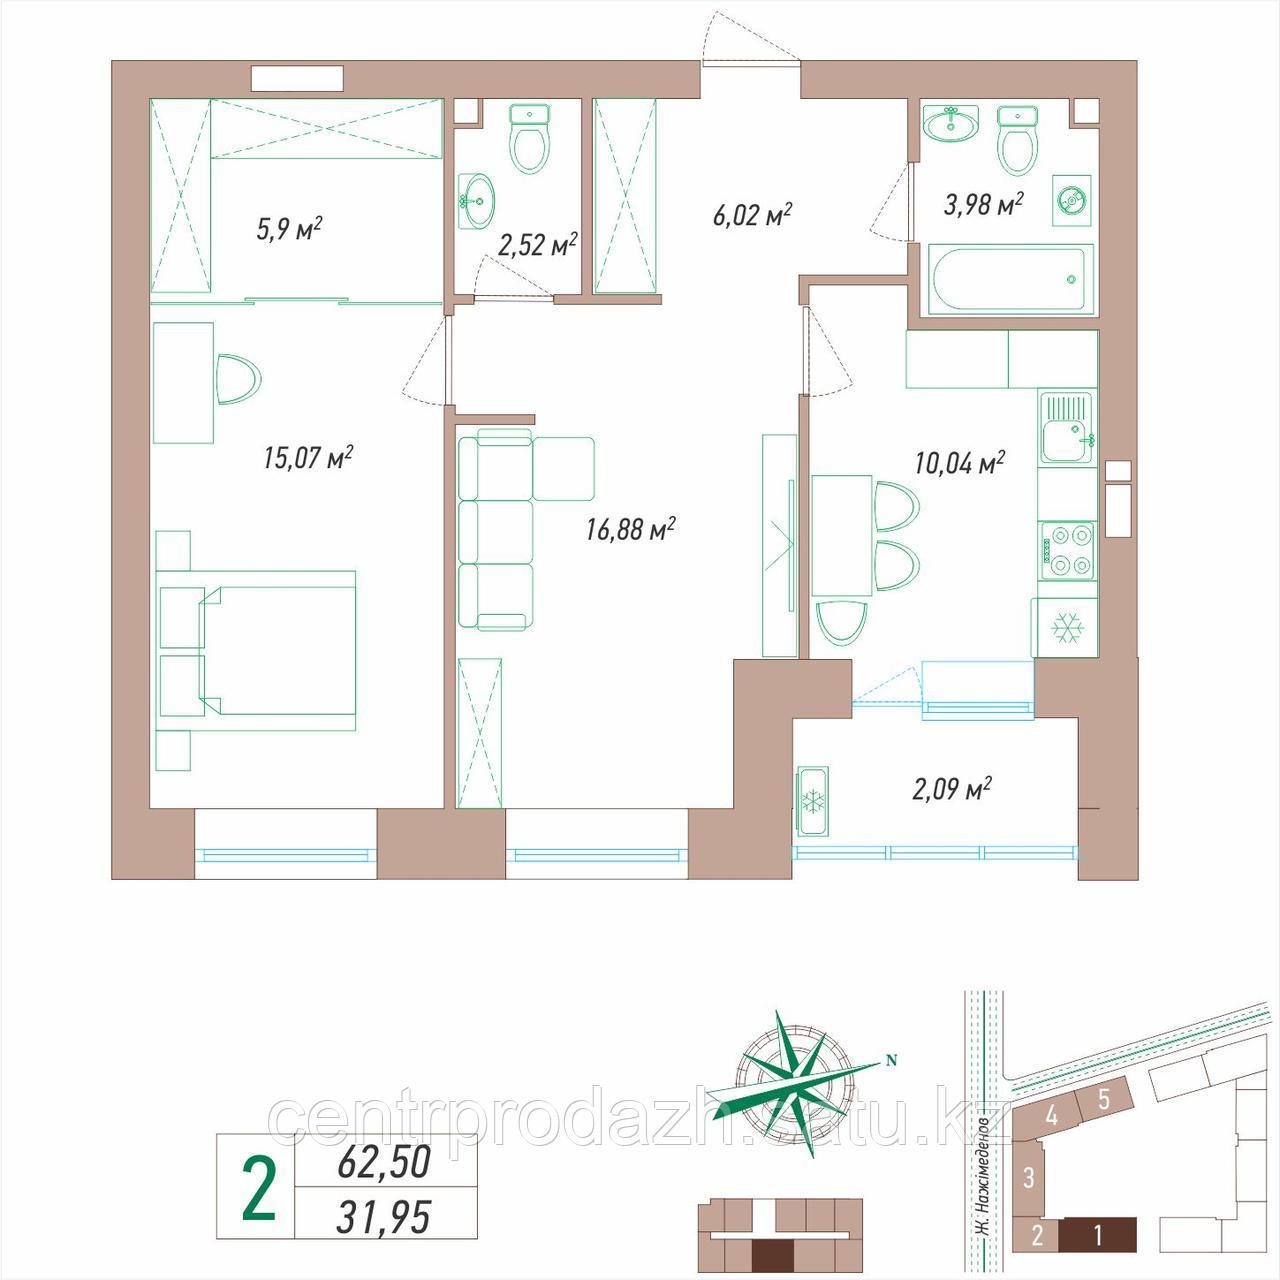 2 комнатная квартира 62.5 м²